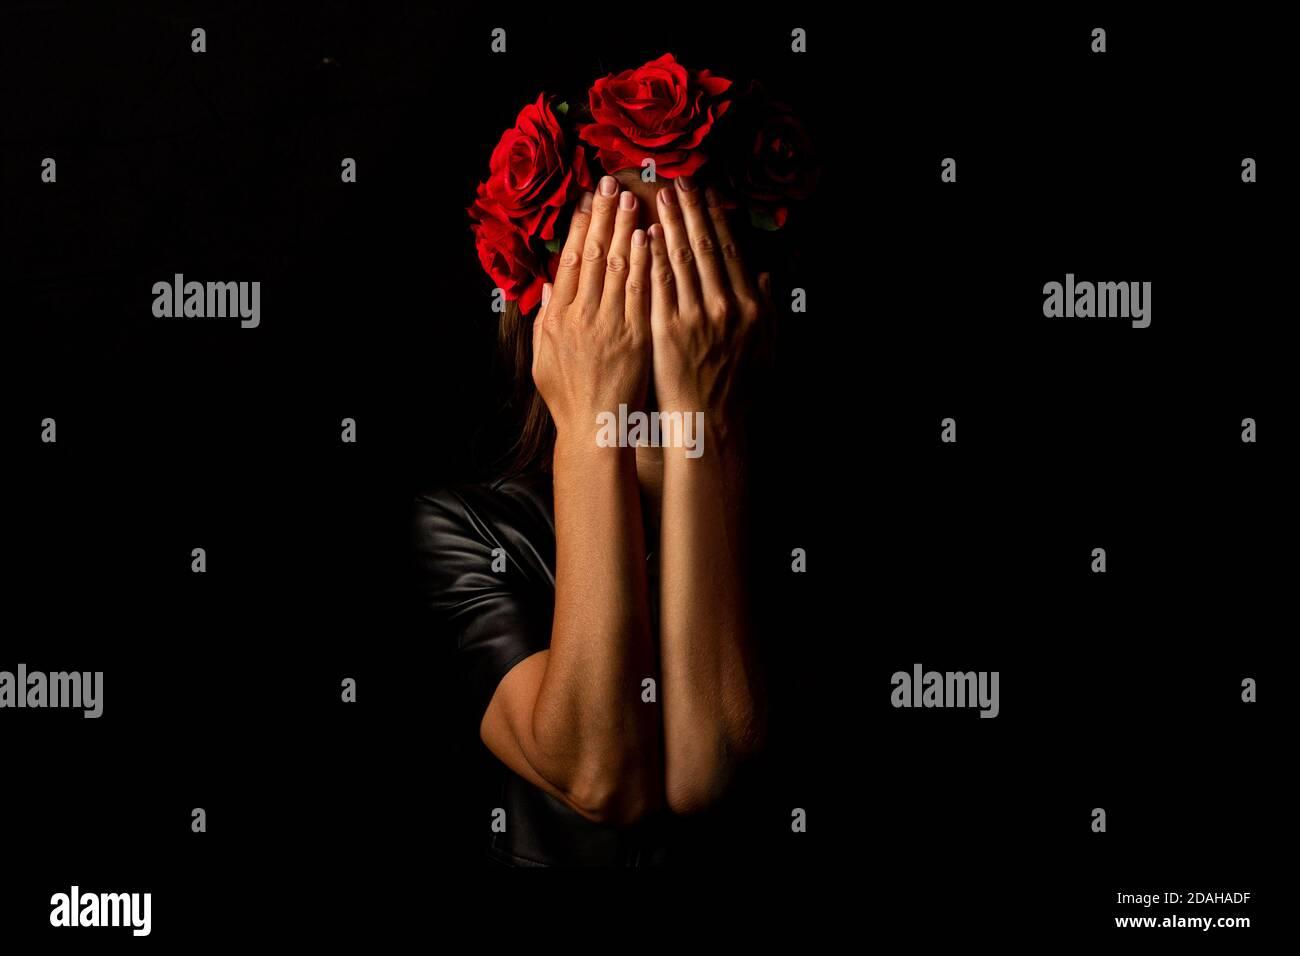 Jeune femme dans une couronne de fleurs, couvrant son visage avec ses paumes sur un fond noir. Banque D'Images